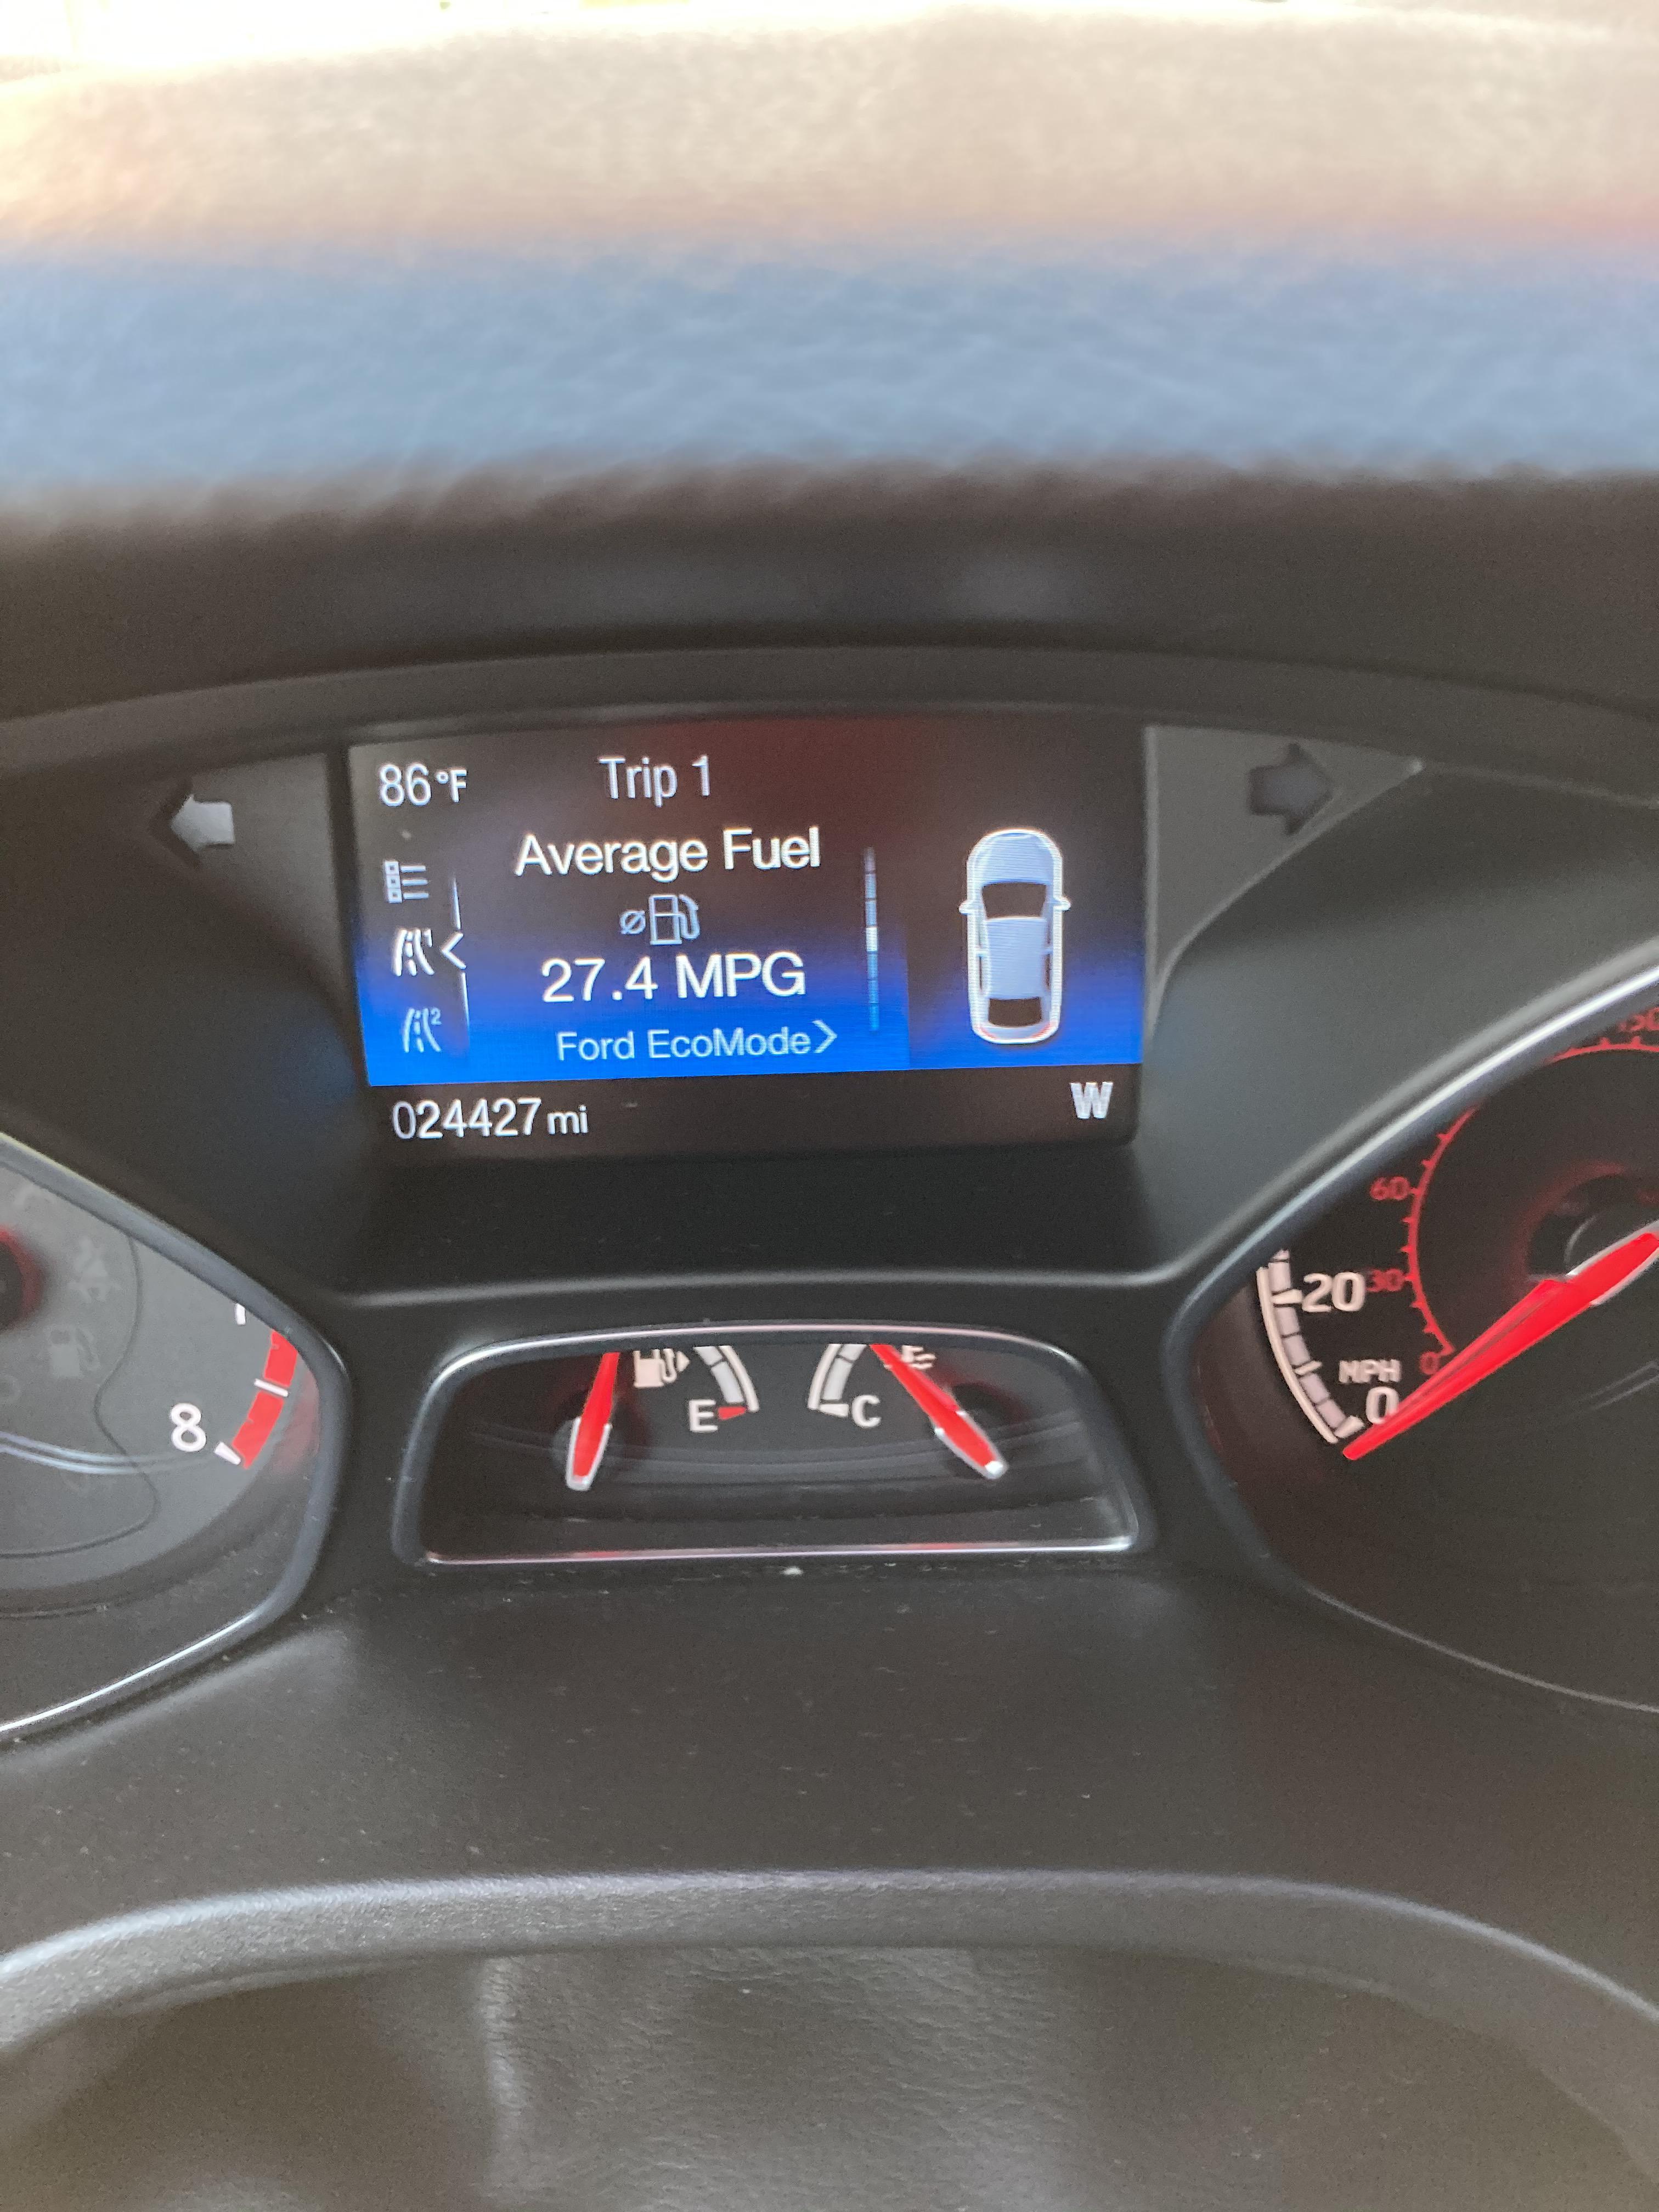 Ford Focus St Mpg : focus, Takes, Discipline, FocusST